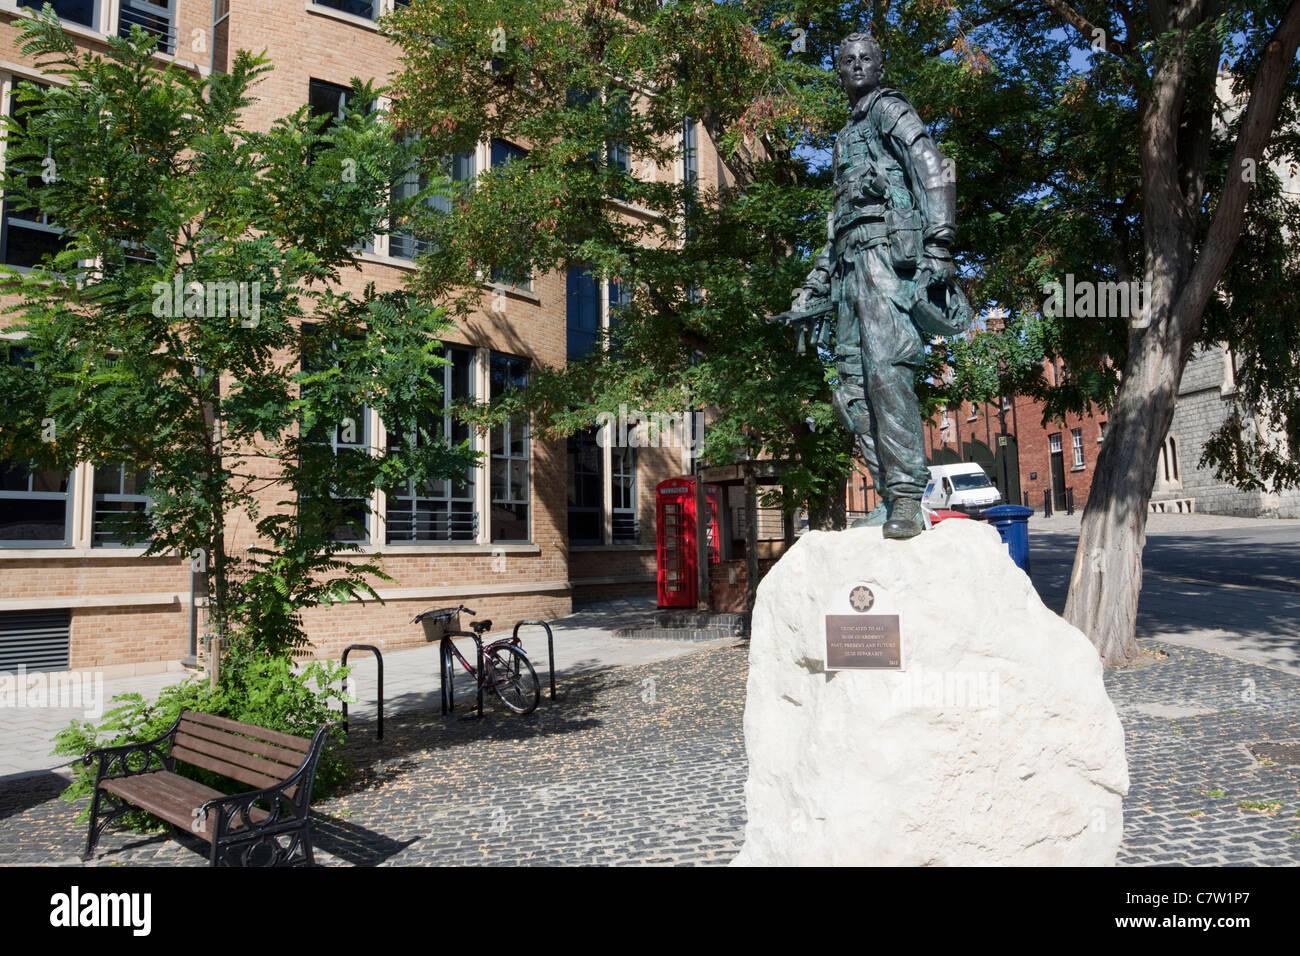 Statua commemorativa in Windsor, Berkshire commemorando irlandese Guardie, England, Regno Unito Immagini Stock